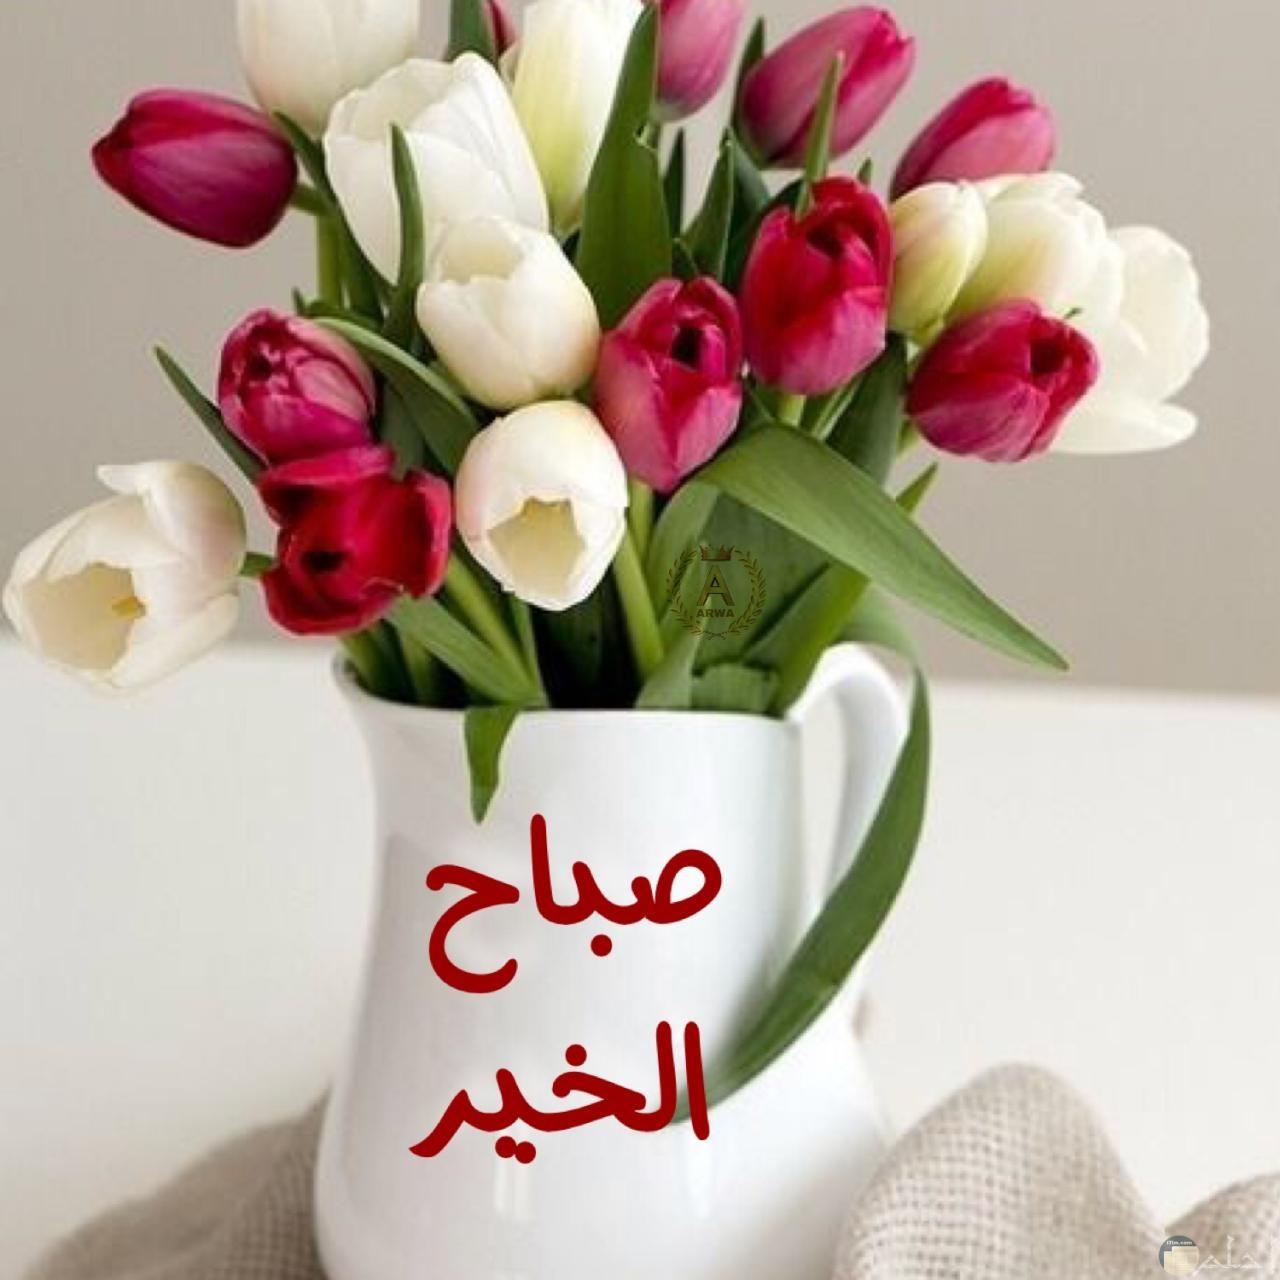 صباح الخير والورود